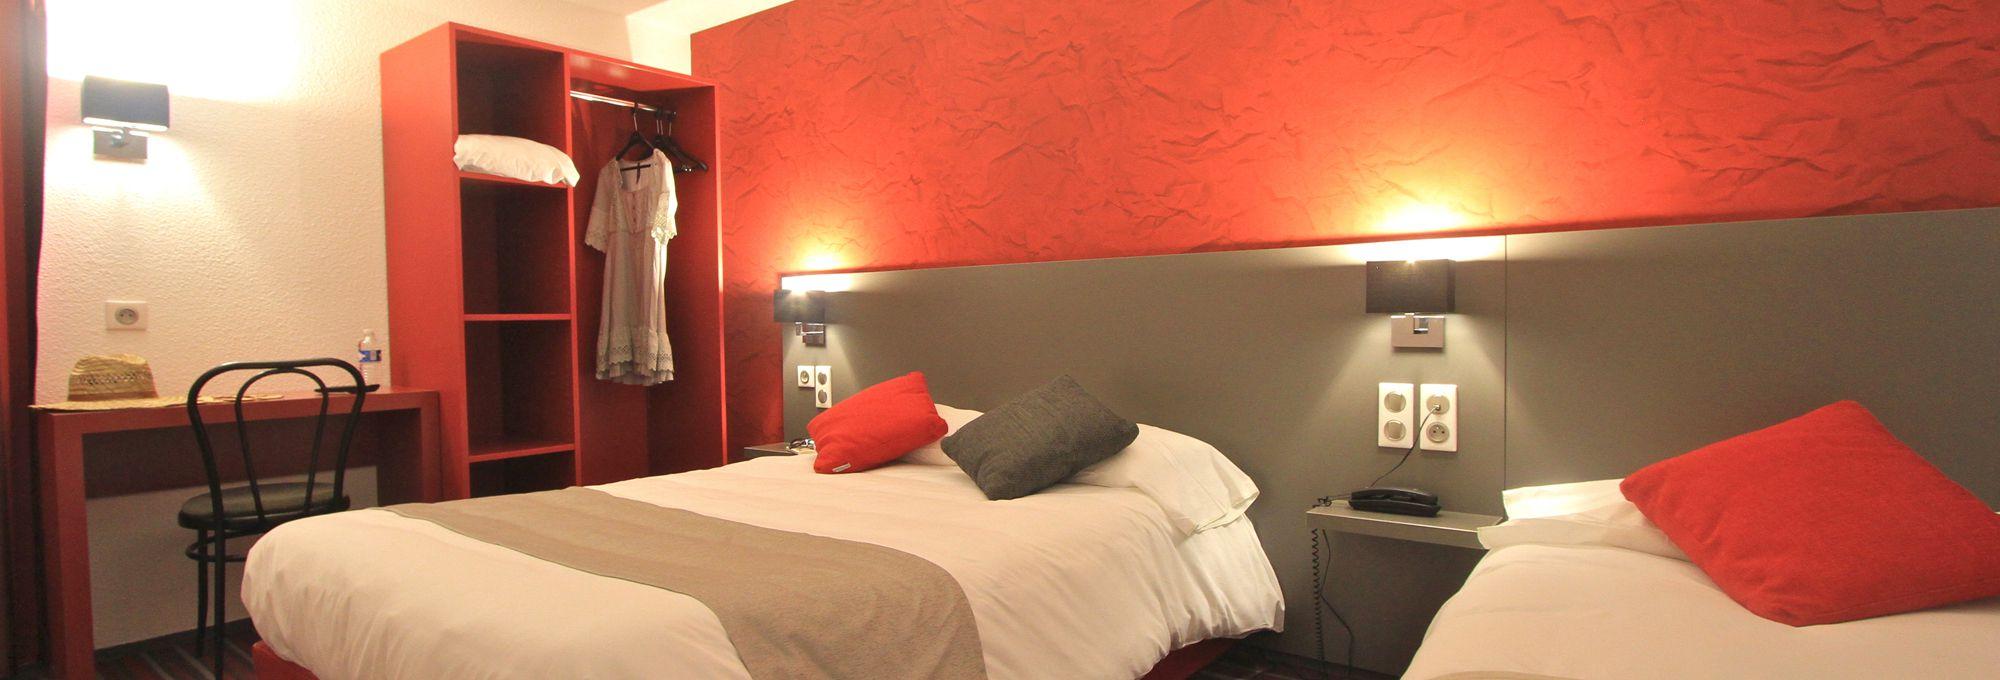 Brit Hotel Le Kérotel - Lorient